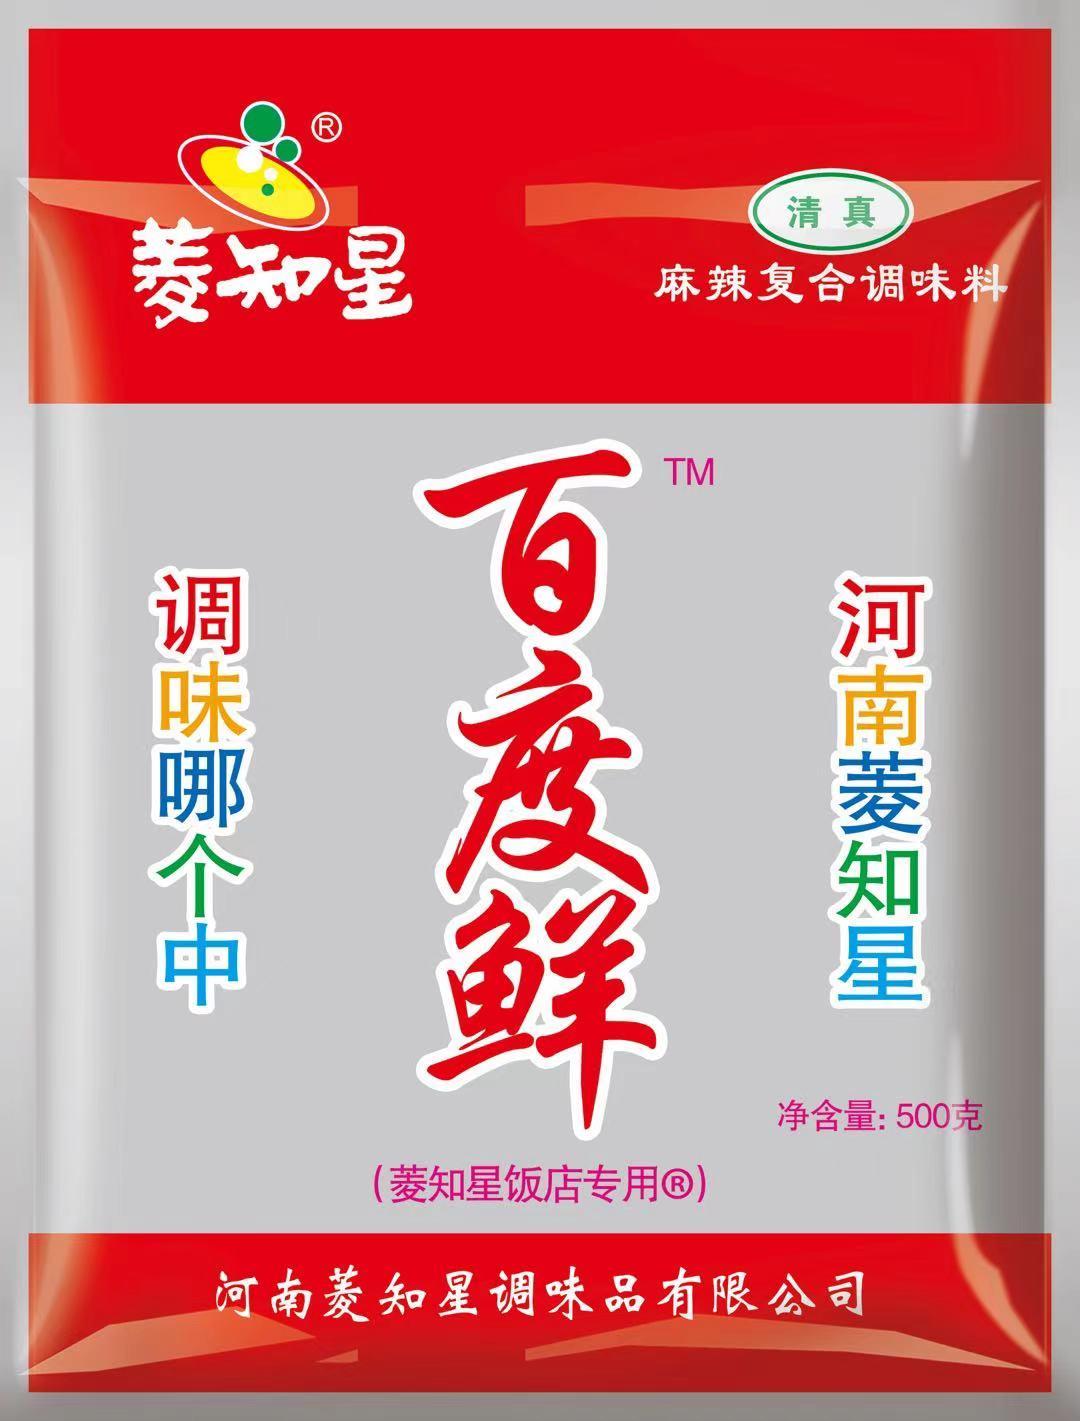 菱知星,菱知星调料,河南菱知星调味品有限公司杏彩电竞平台 首页,香茹酱